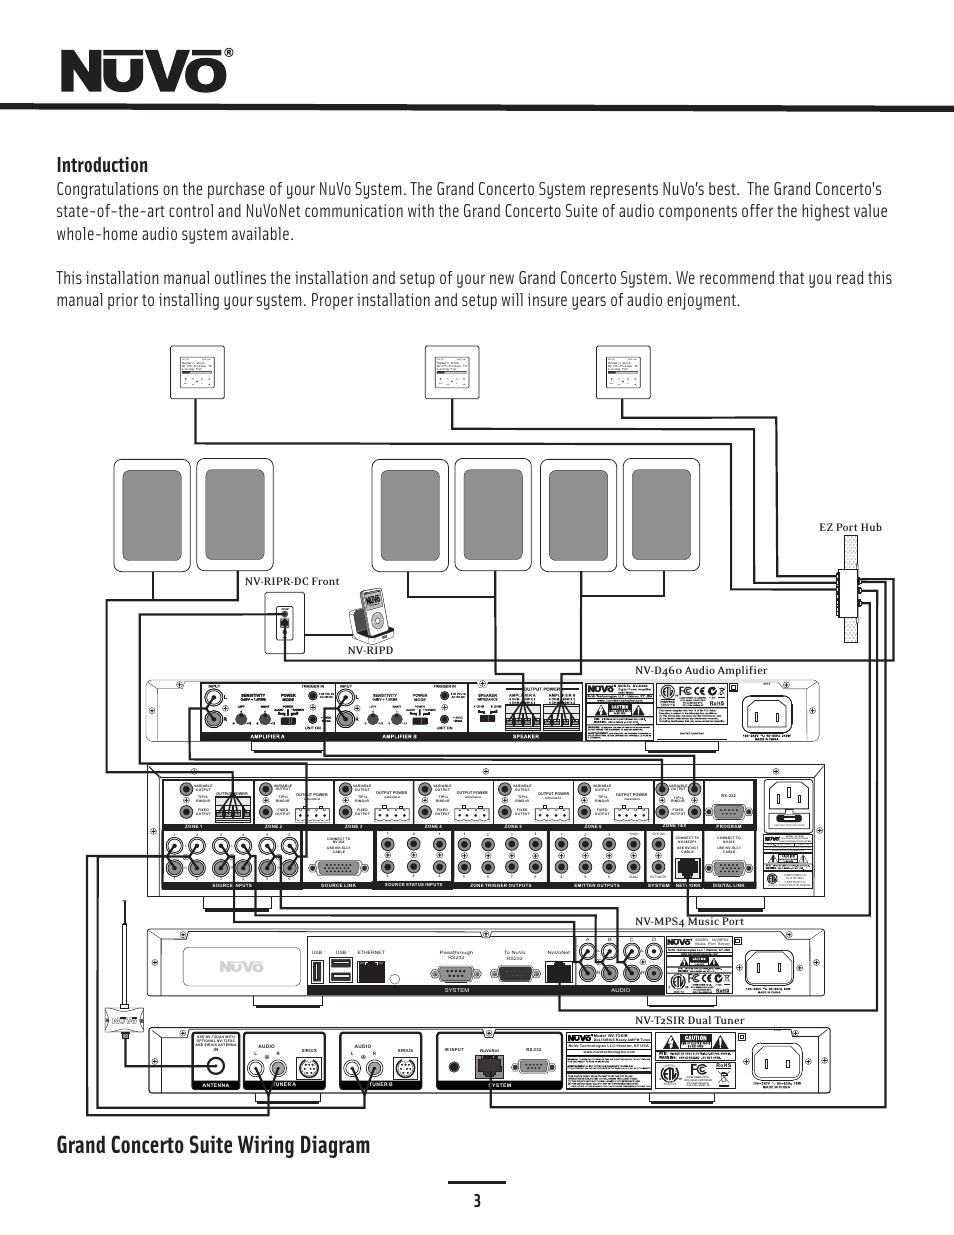 hight resolution of grand concerto suite wiring diagram introduction menu ok nuvo essentia nv e6gxs